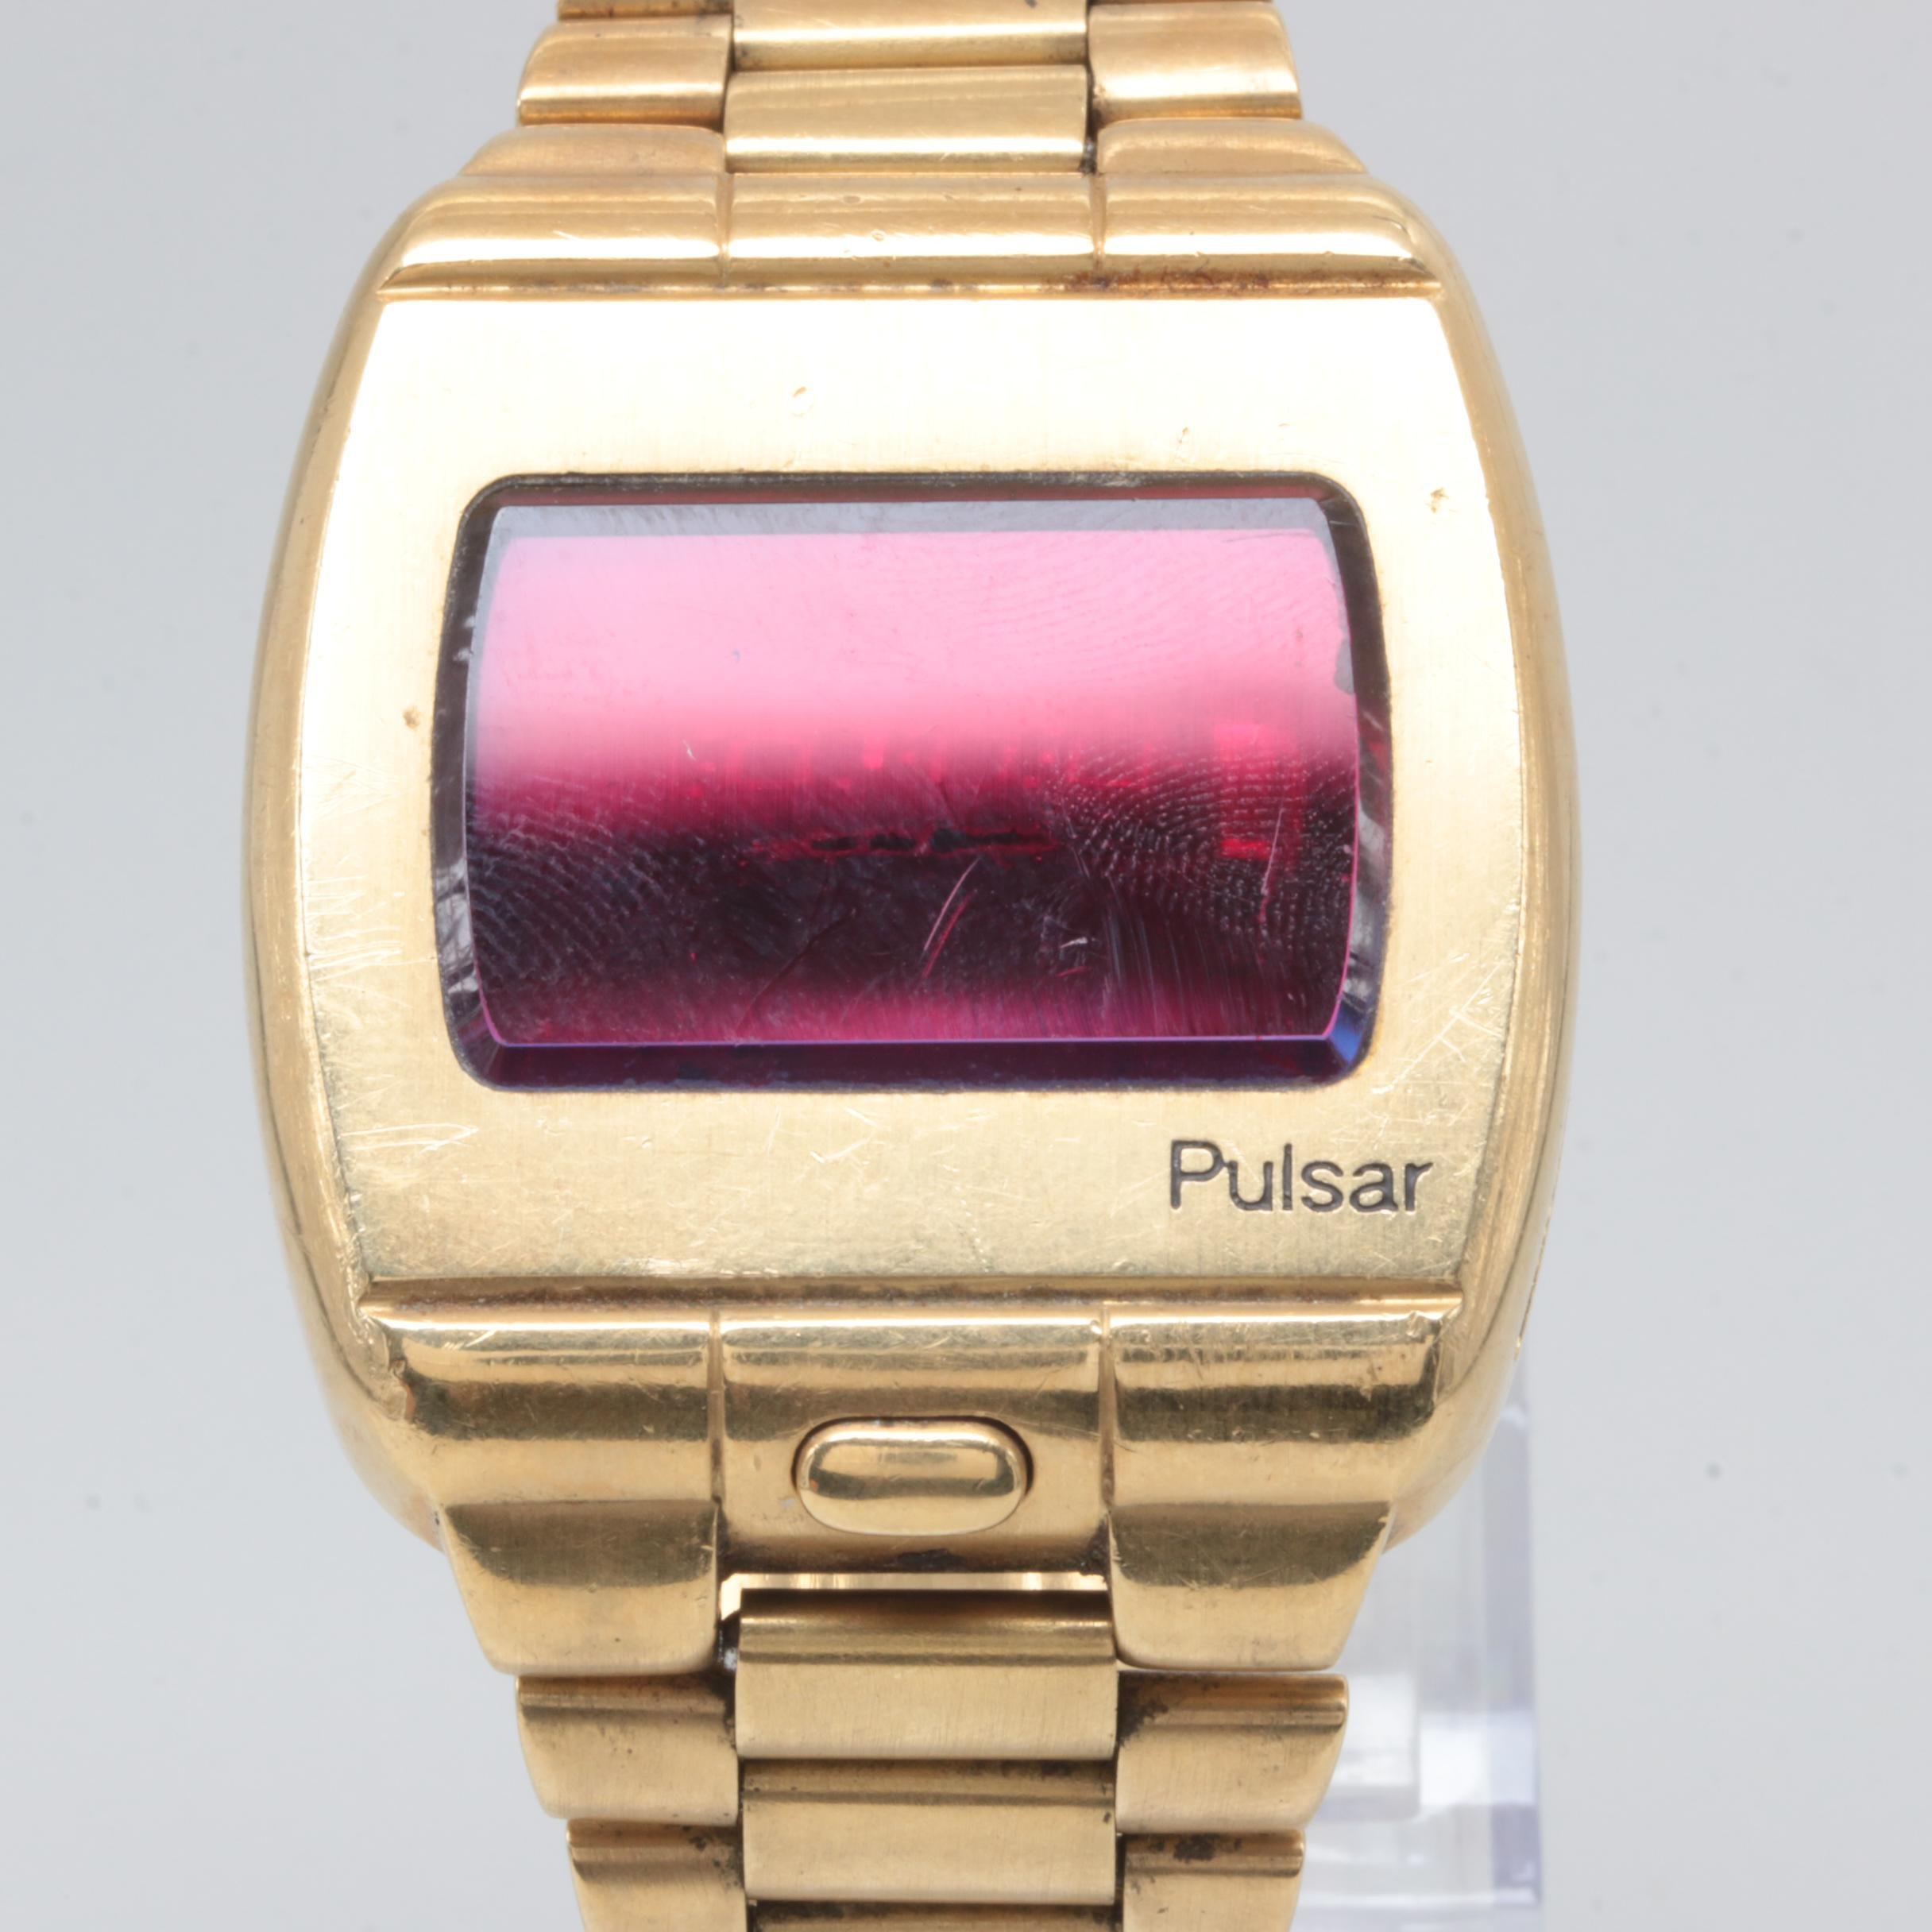 """Circa 1970s 18K Yellow Gold Pulsar """"Time Computer P1"""" Digital Wristwatch"""